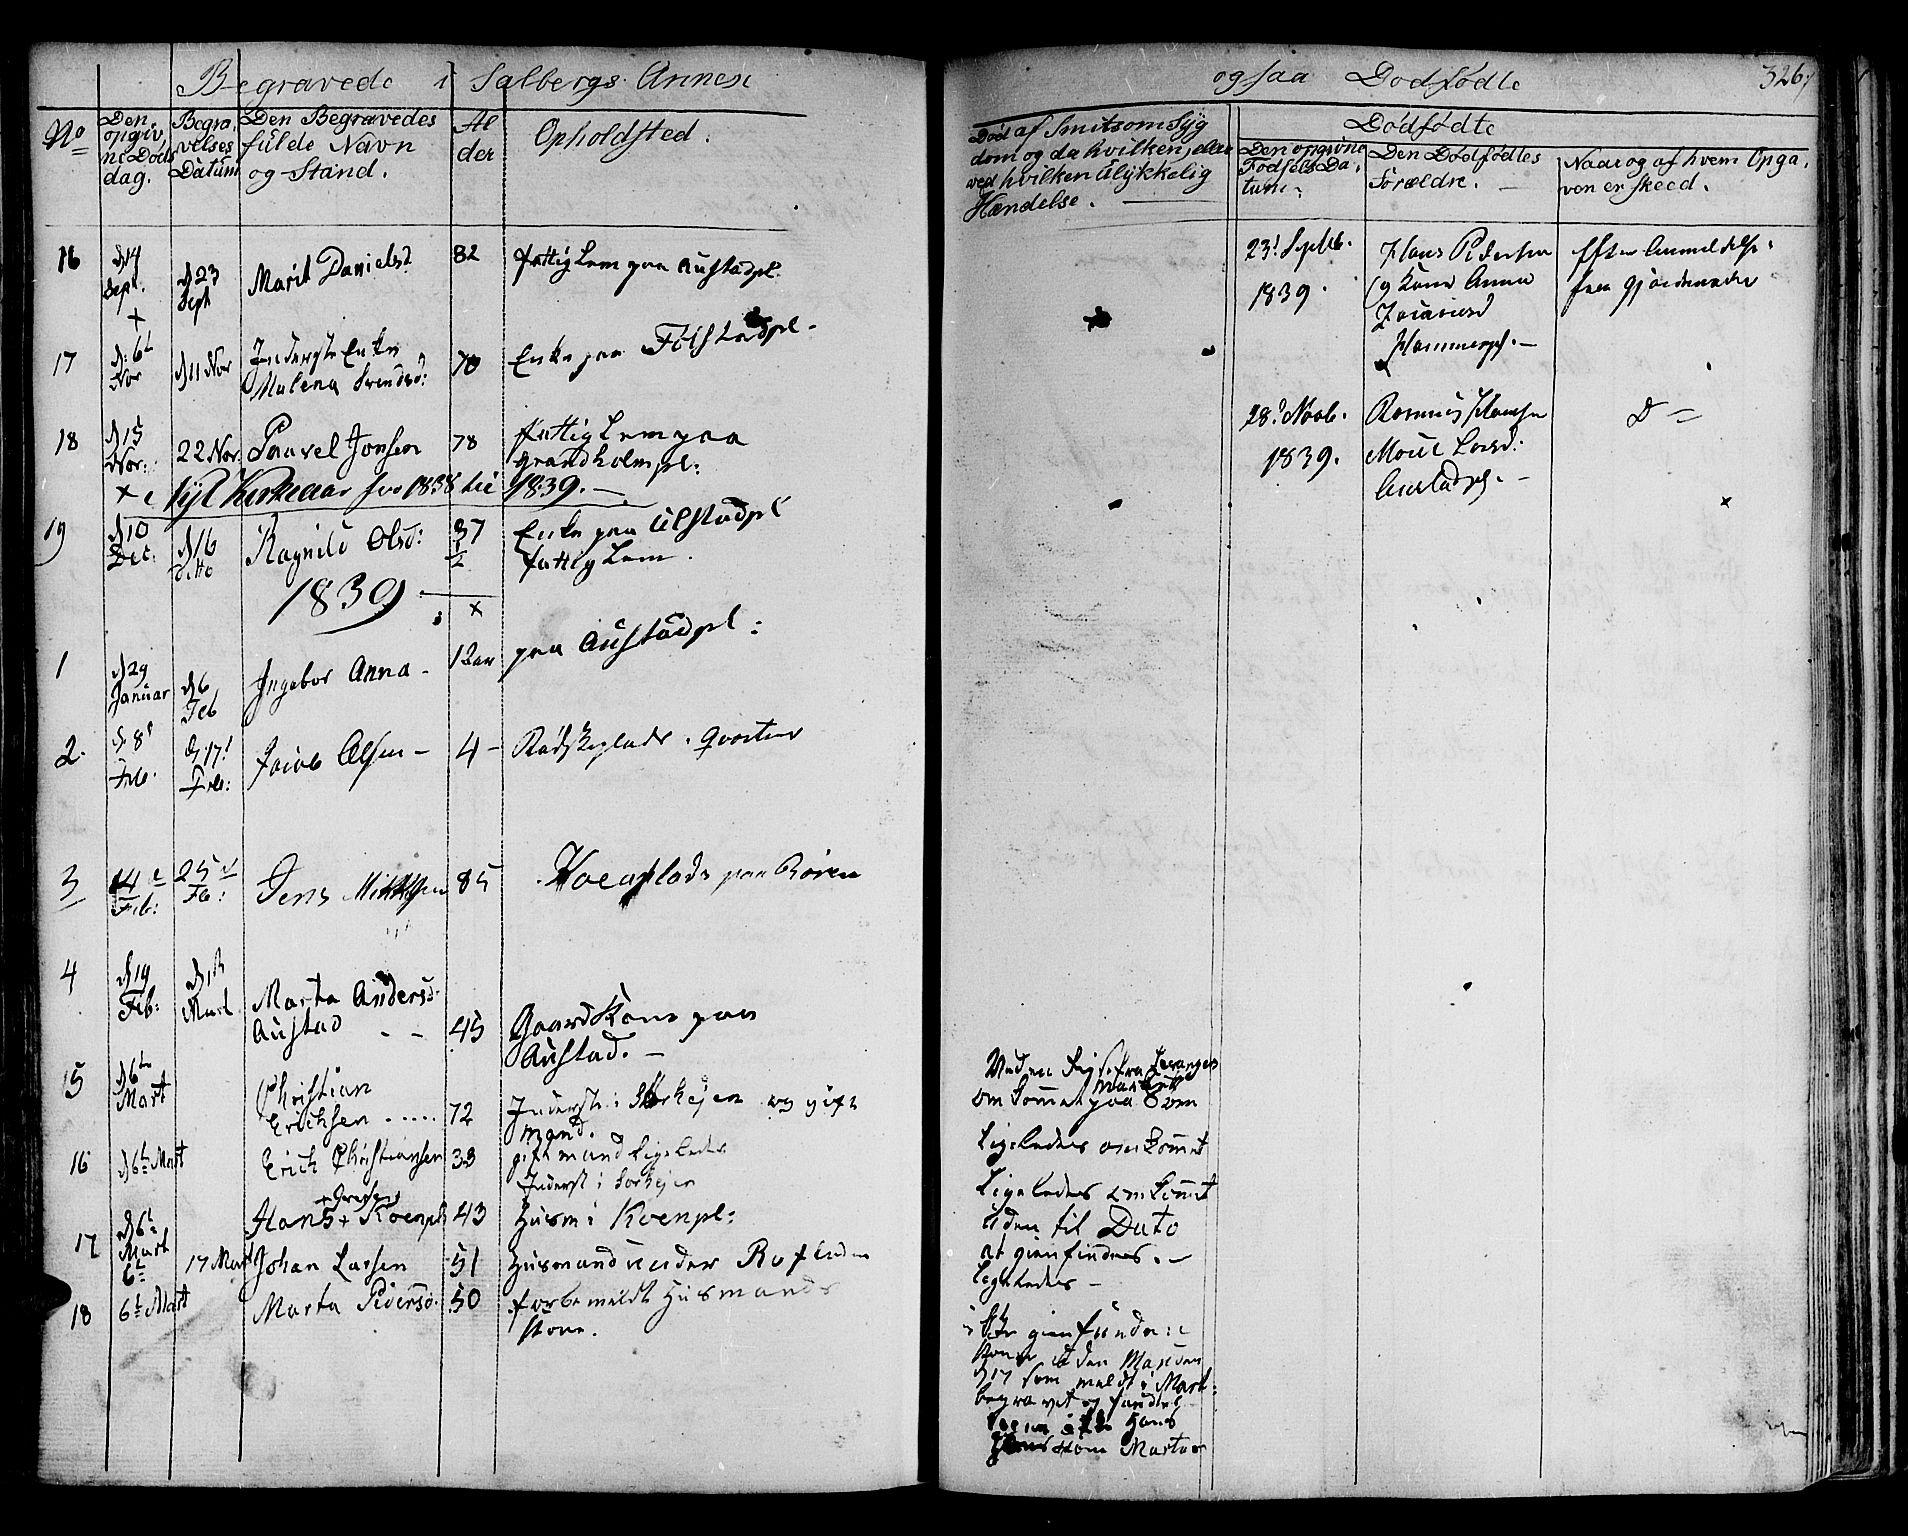 SAT, Ministerialprotokoller, klokkerbøker og fødselsregistre - Nord-Trøndelag, 730/L0277: Ministerialbok nr. 730A06 /2, 1831-1839, s. 326